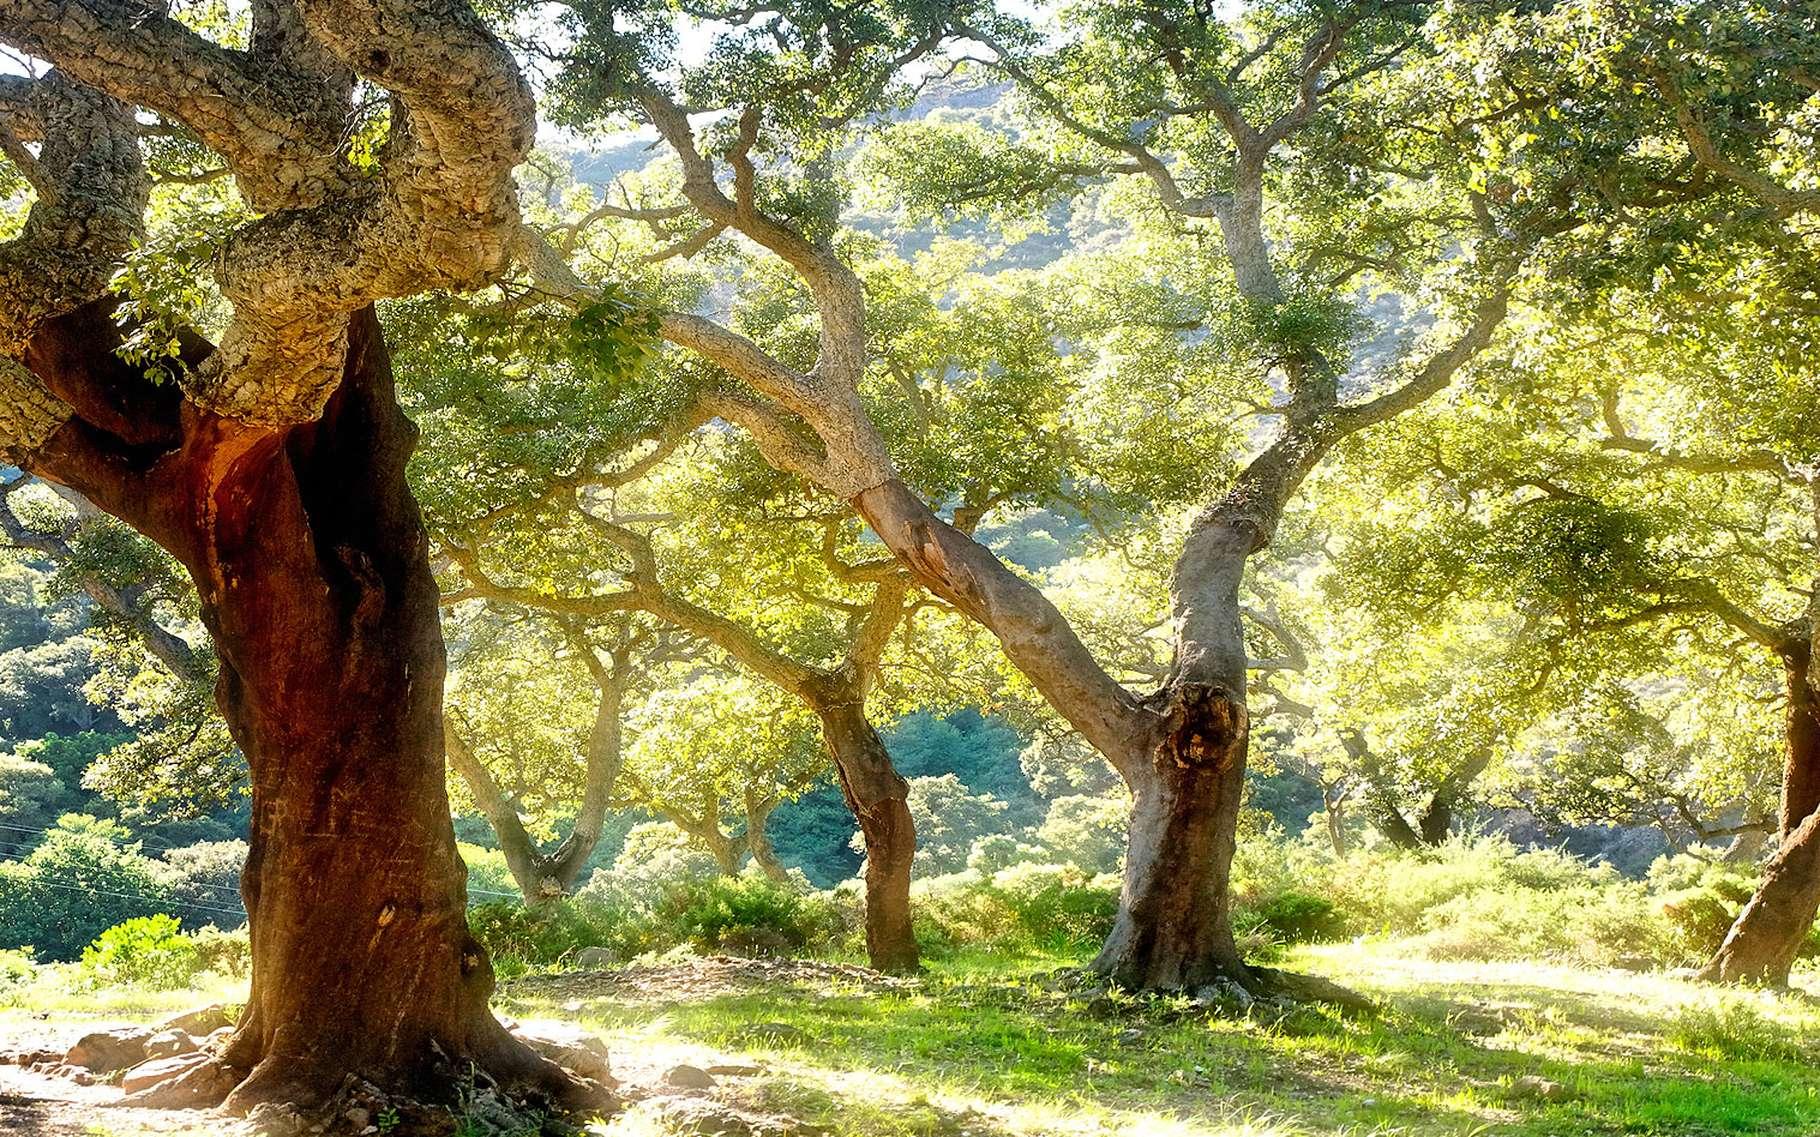 Tronc d'un chêne-liège. © treesoftheworld.net, CC by 3.0